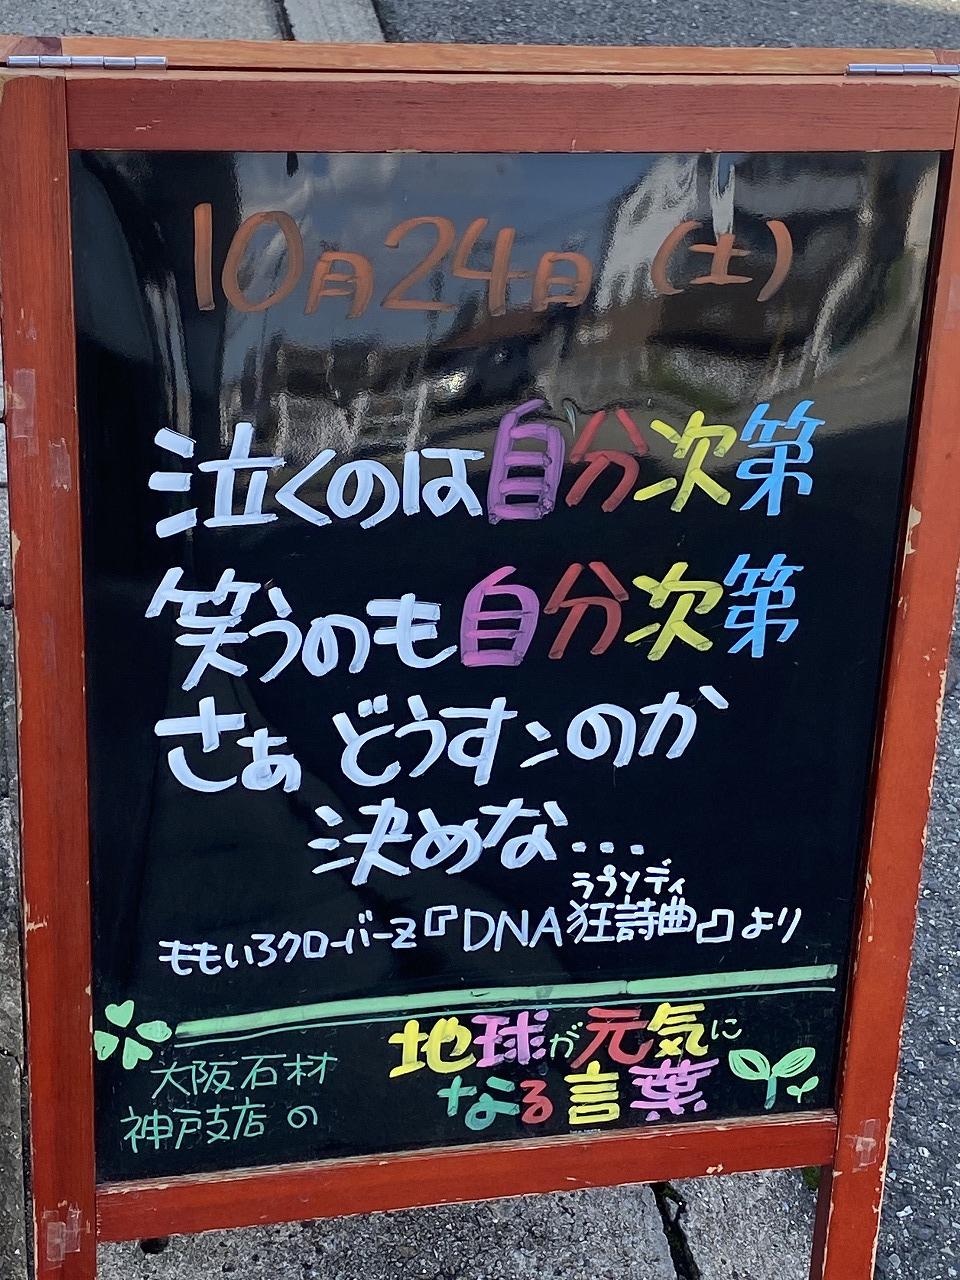 神戸の墓石店「地球が元気になる言葉」の写真 2020年10月24日